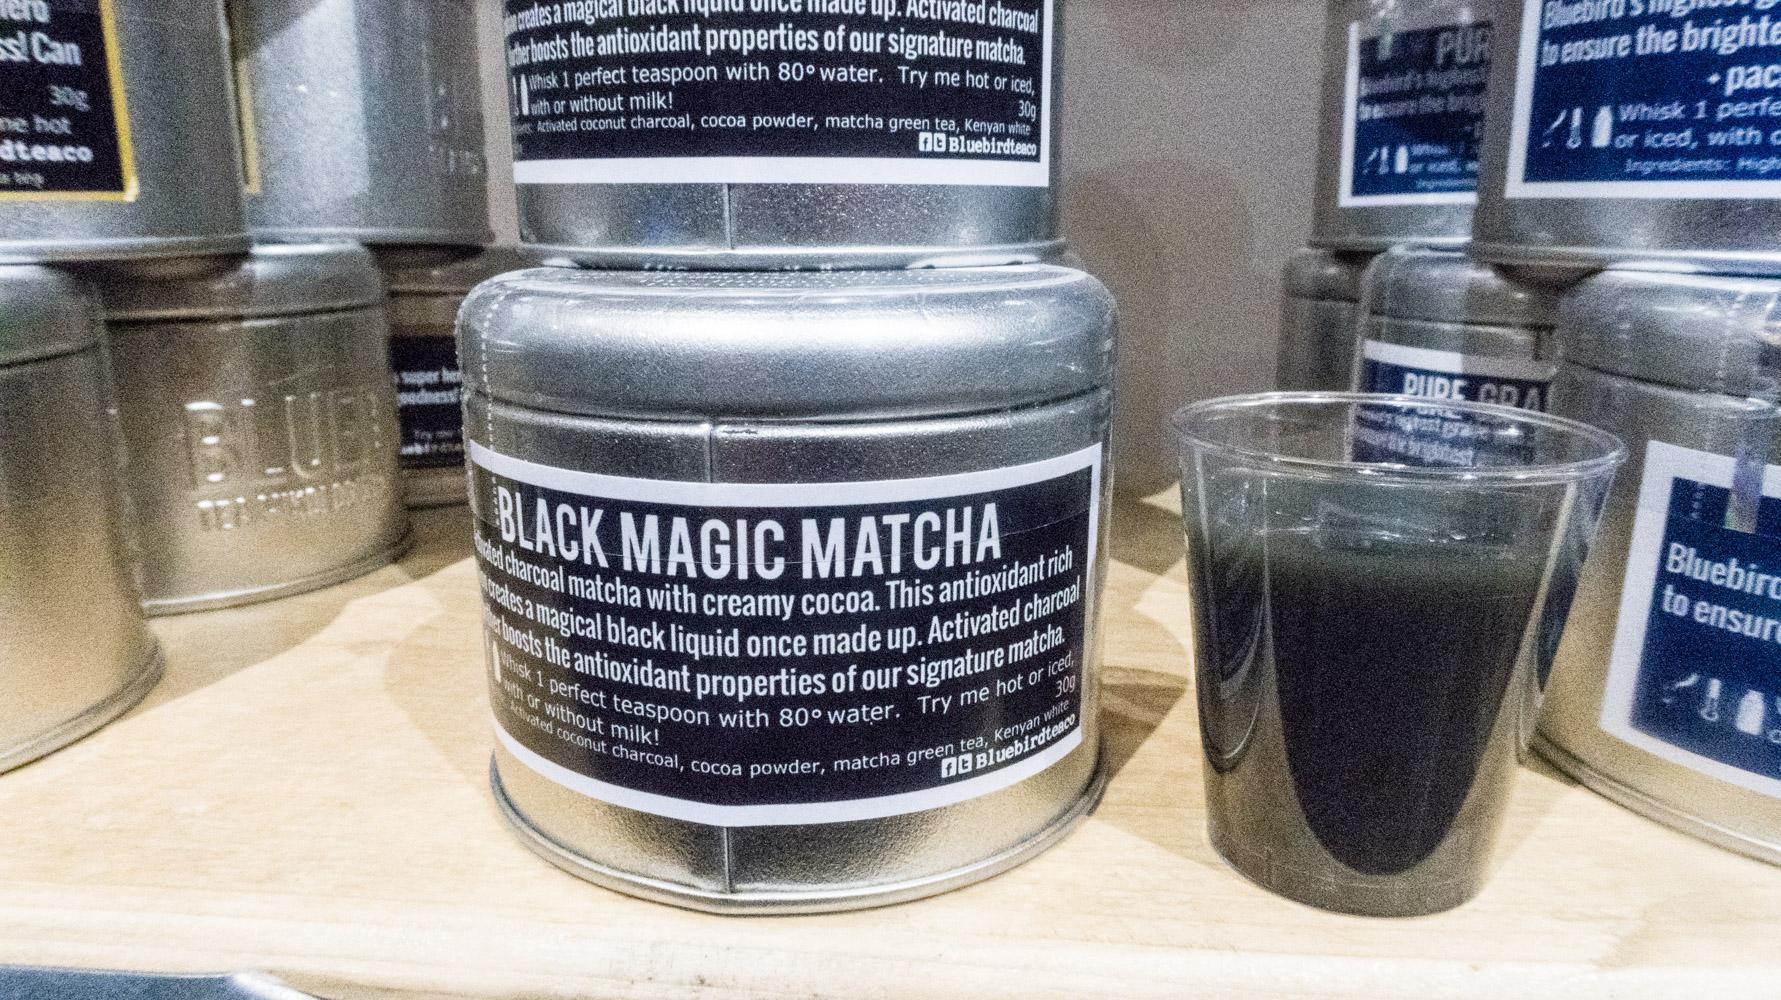 Black Magic Matcha